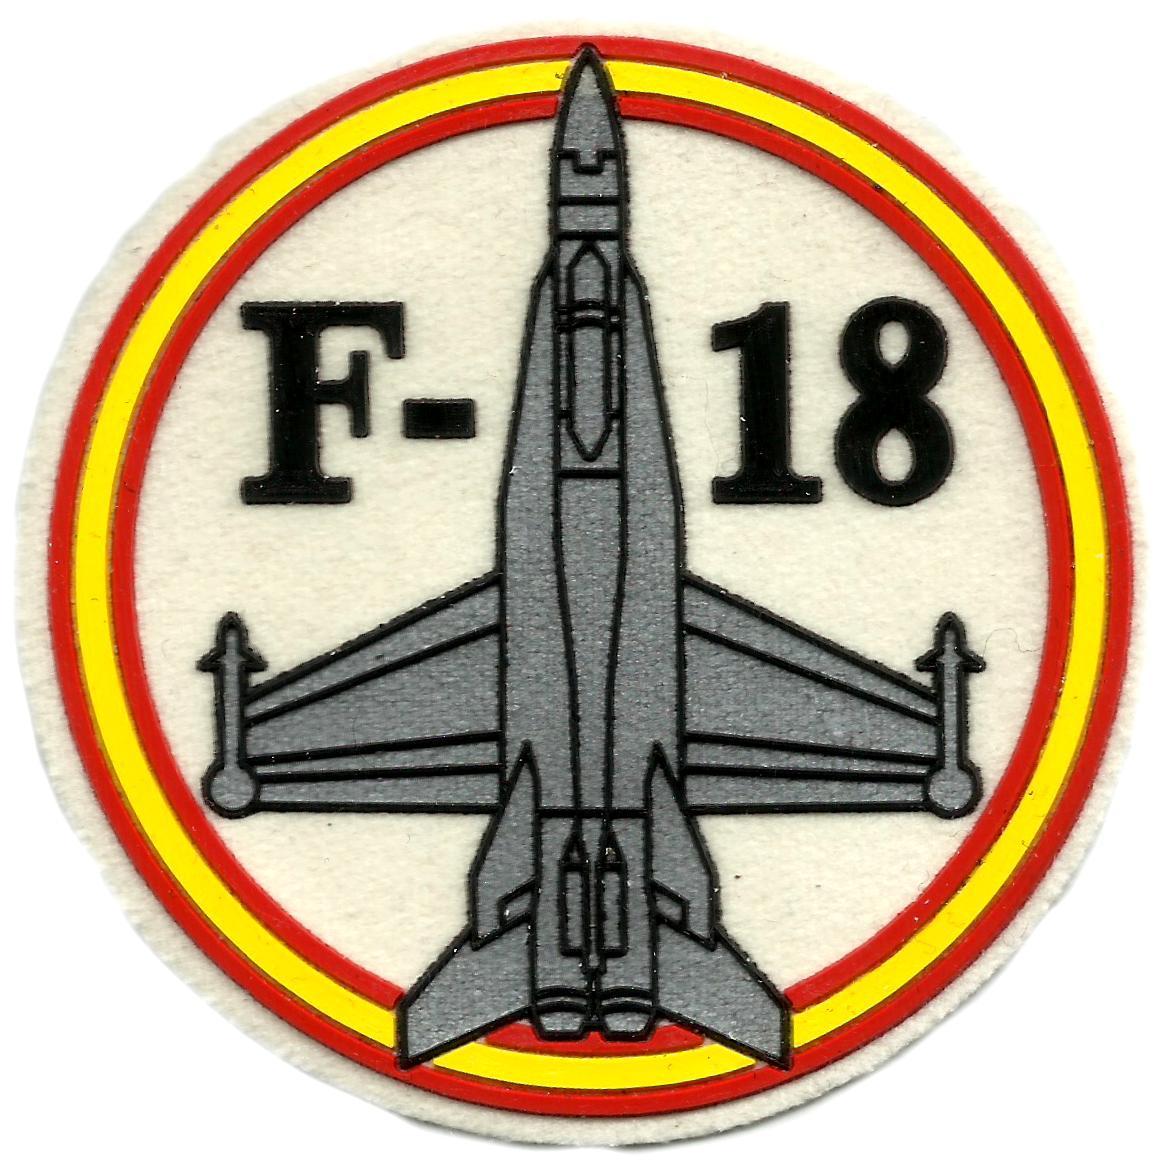 Ejército del aire caza F-18 parche insignia emblema distintivo